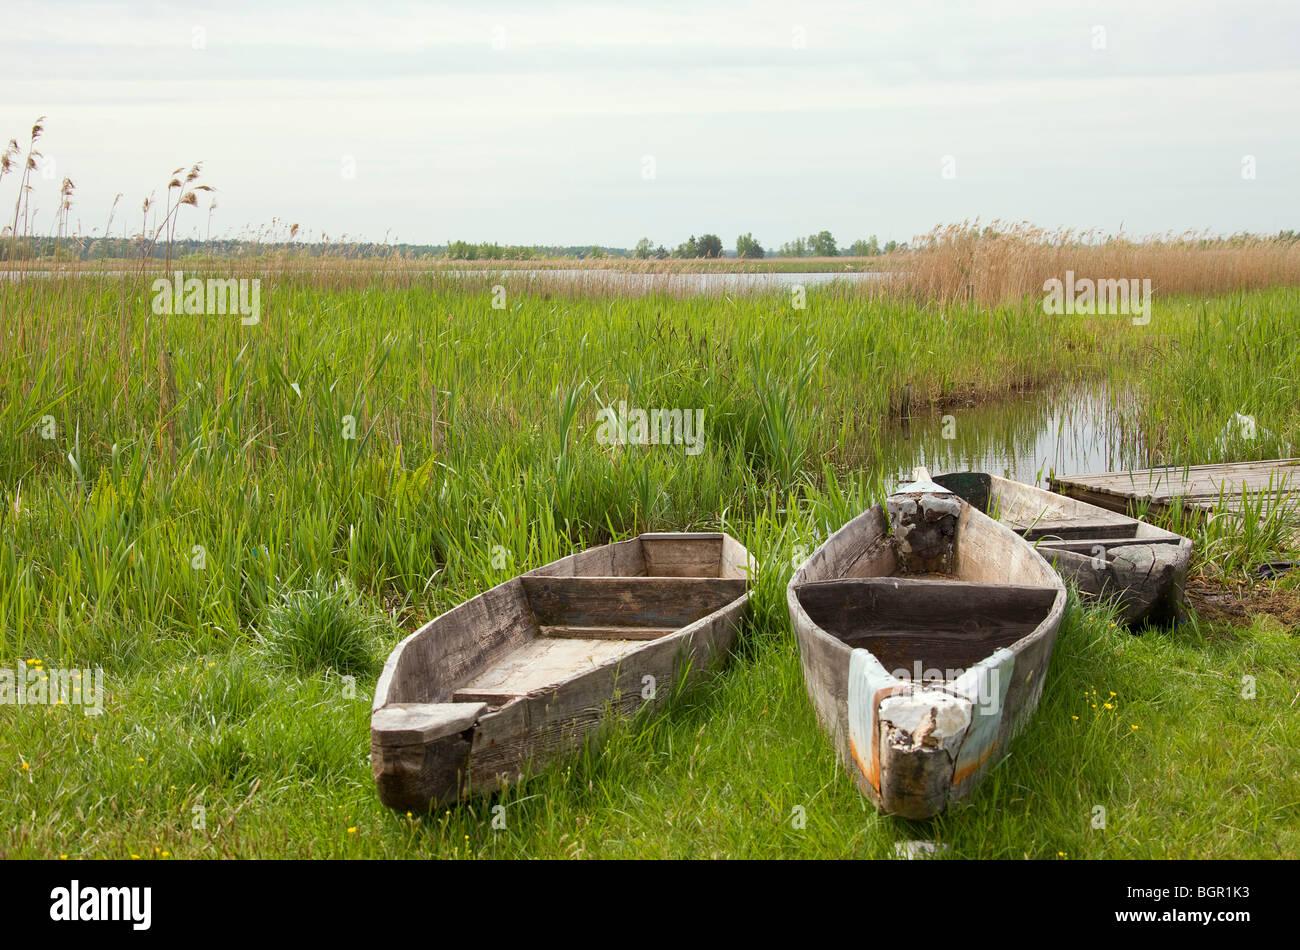 Old Polish punts, flat-bottomed canoes, on shore of lake. - Stock Image